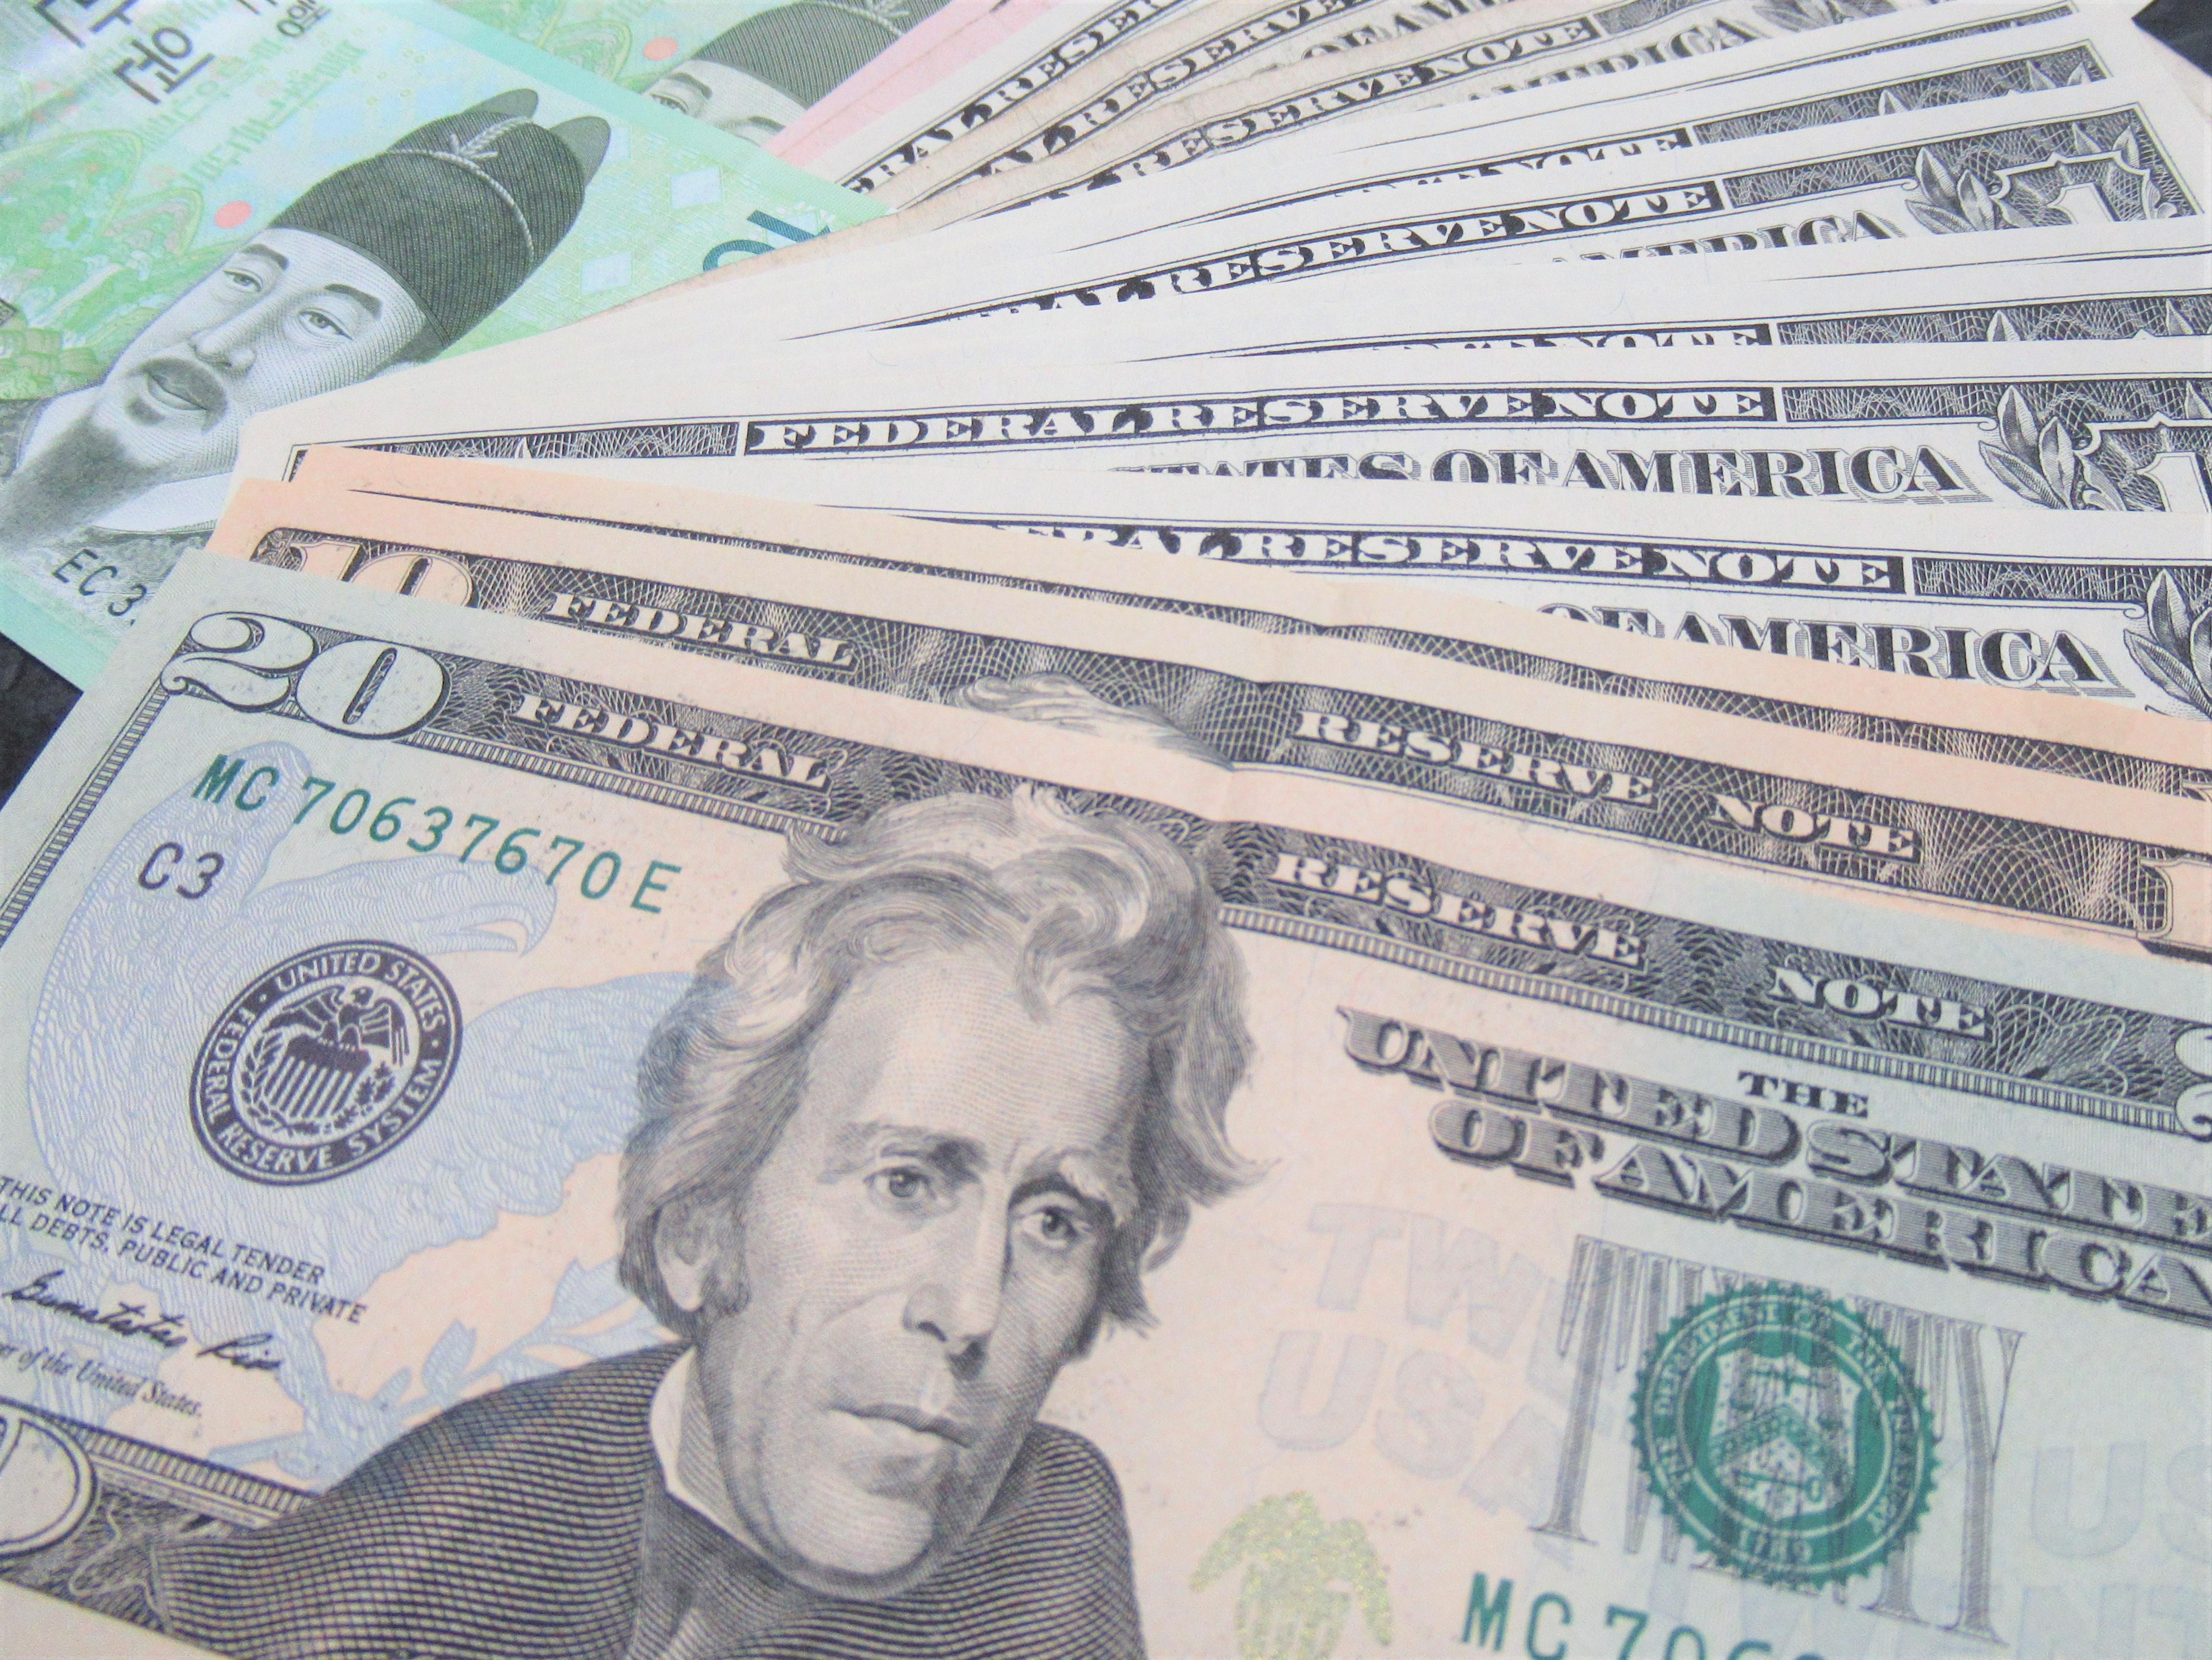 海外旅行|ドルの両替は空港が便利でレートがいい!? 場所別で比較